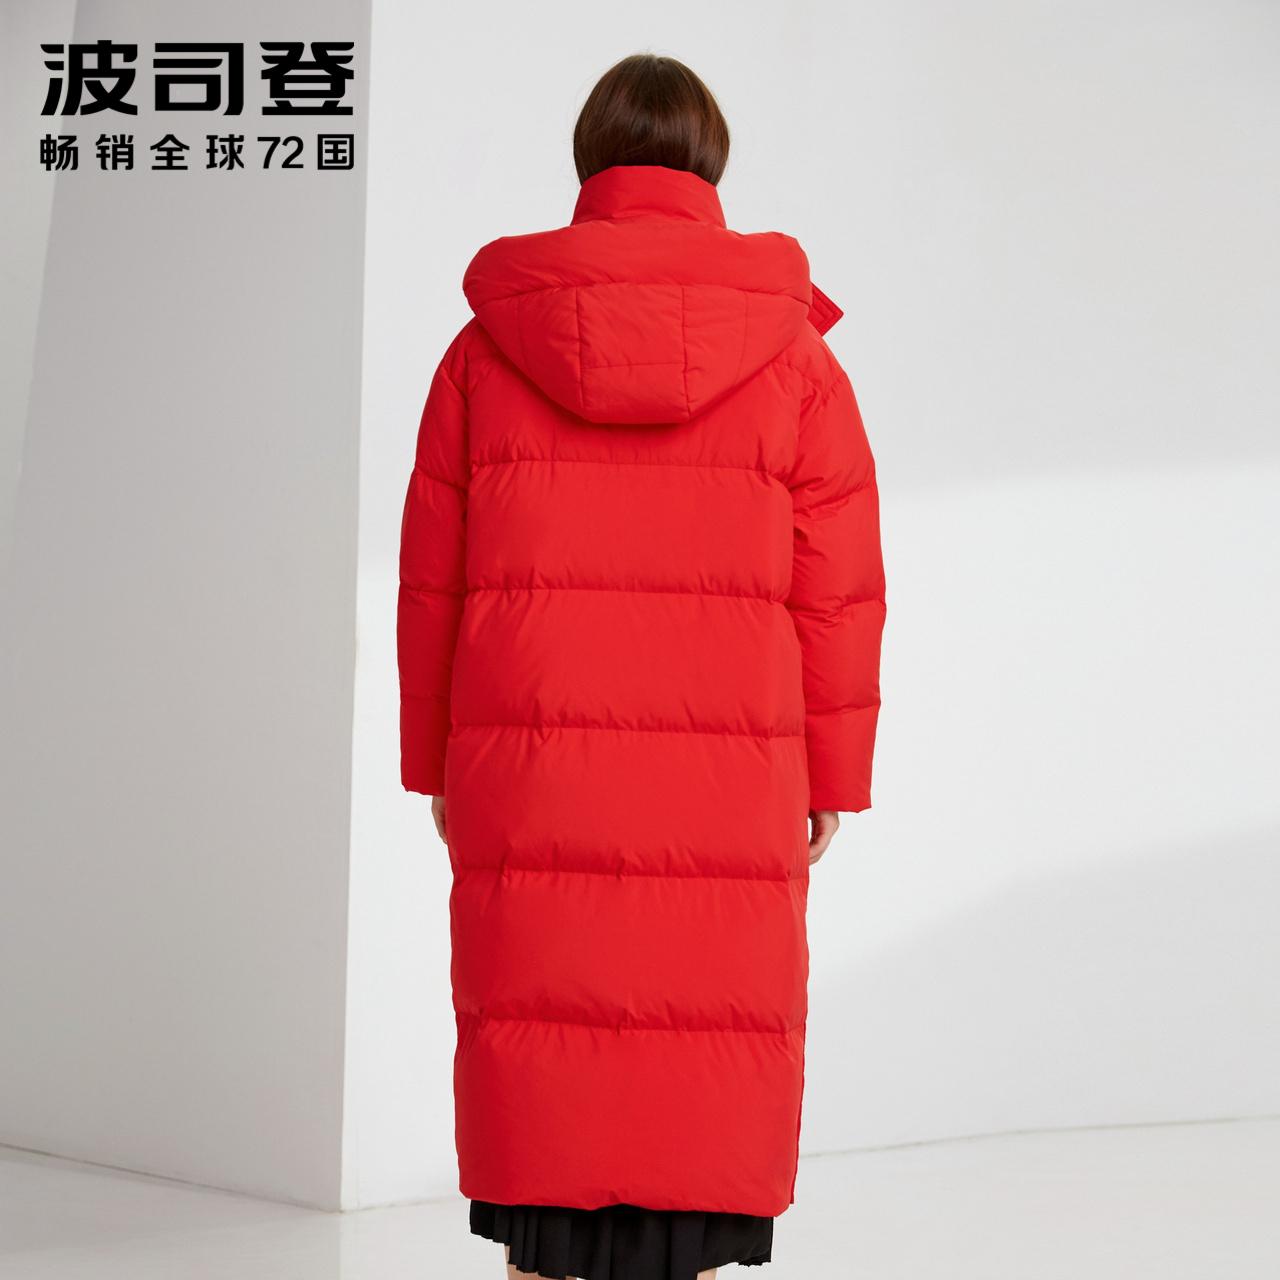 波司登新款保暖防寒羽绒服中长款潮流女韩版纯色冬装宽松可脱卸帽